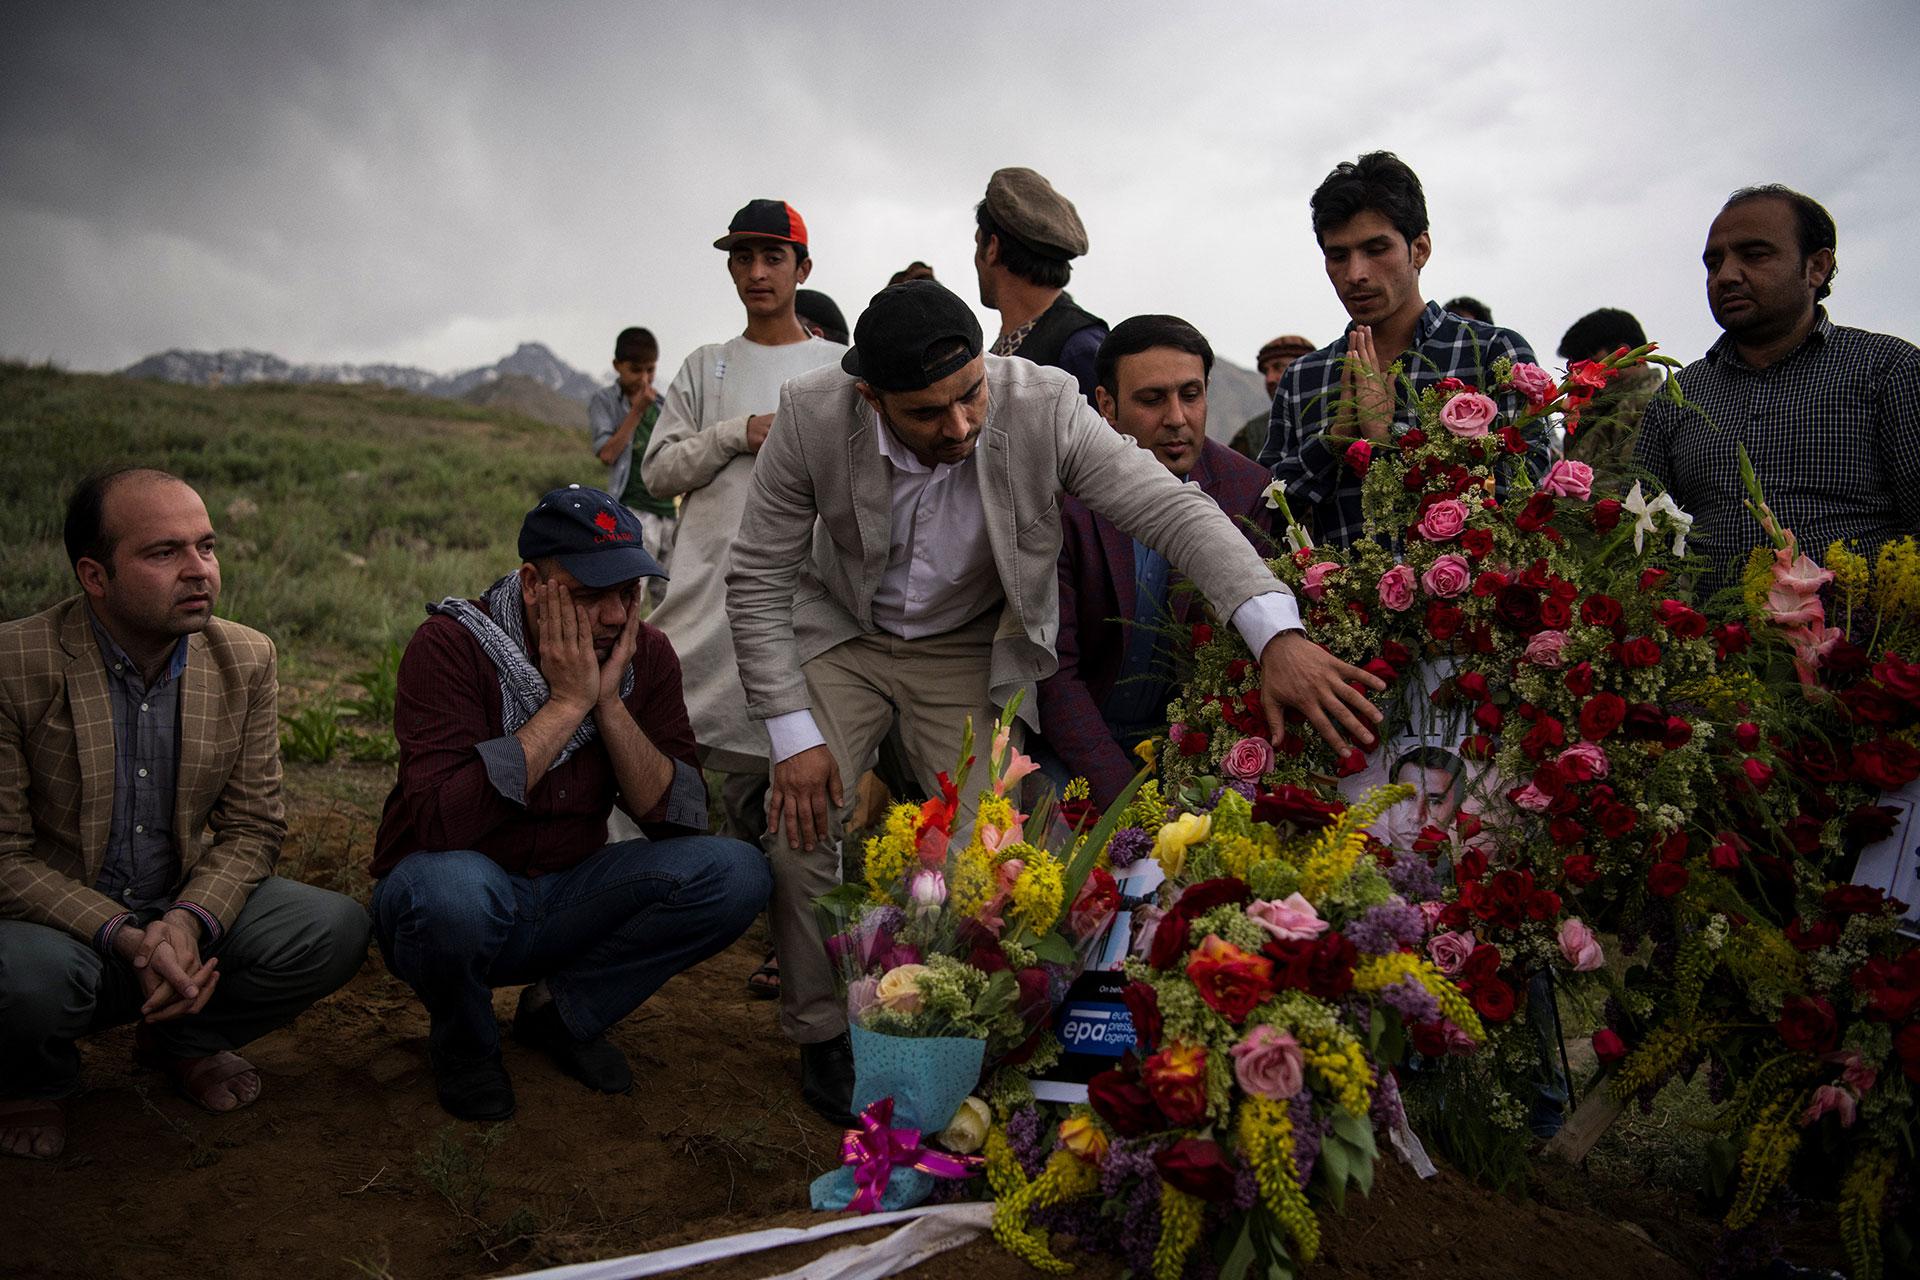 Amigos y familiares del fotógrafo asesinado durante su funeral en Gul Dara, Kabul (AFP)